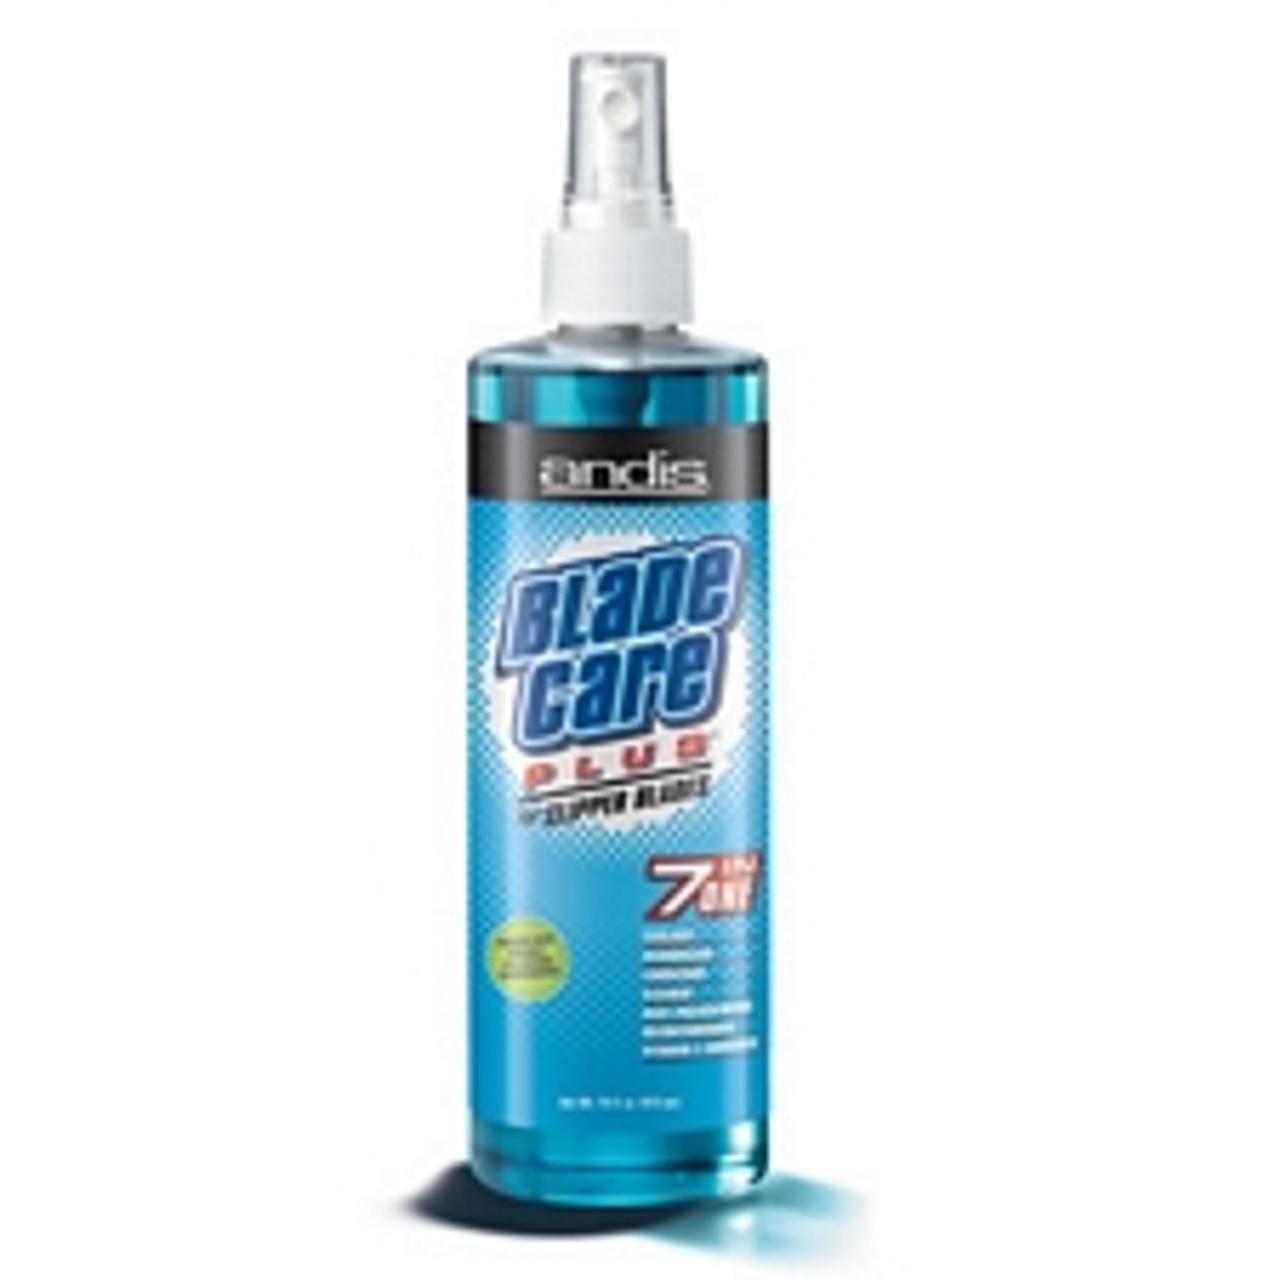 Andis Blade Care Plus Spray